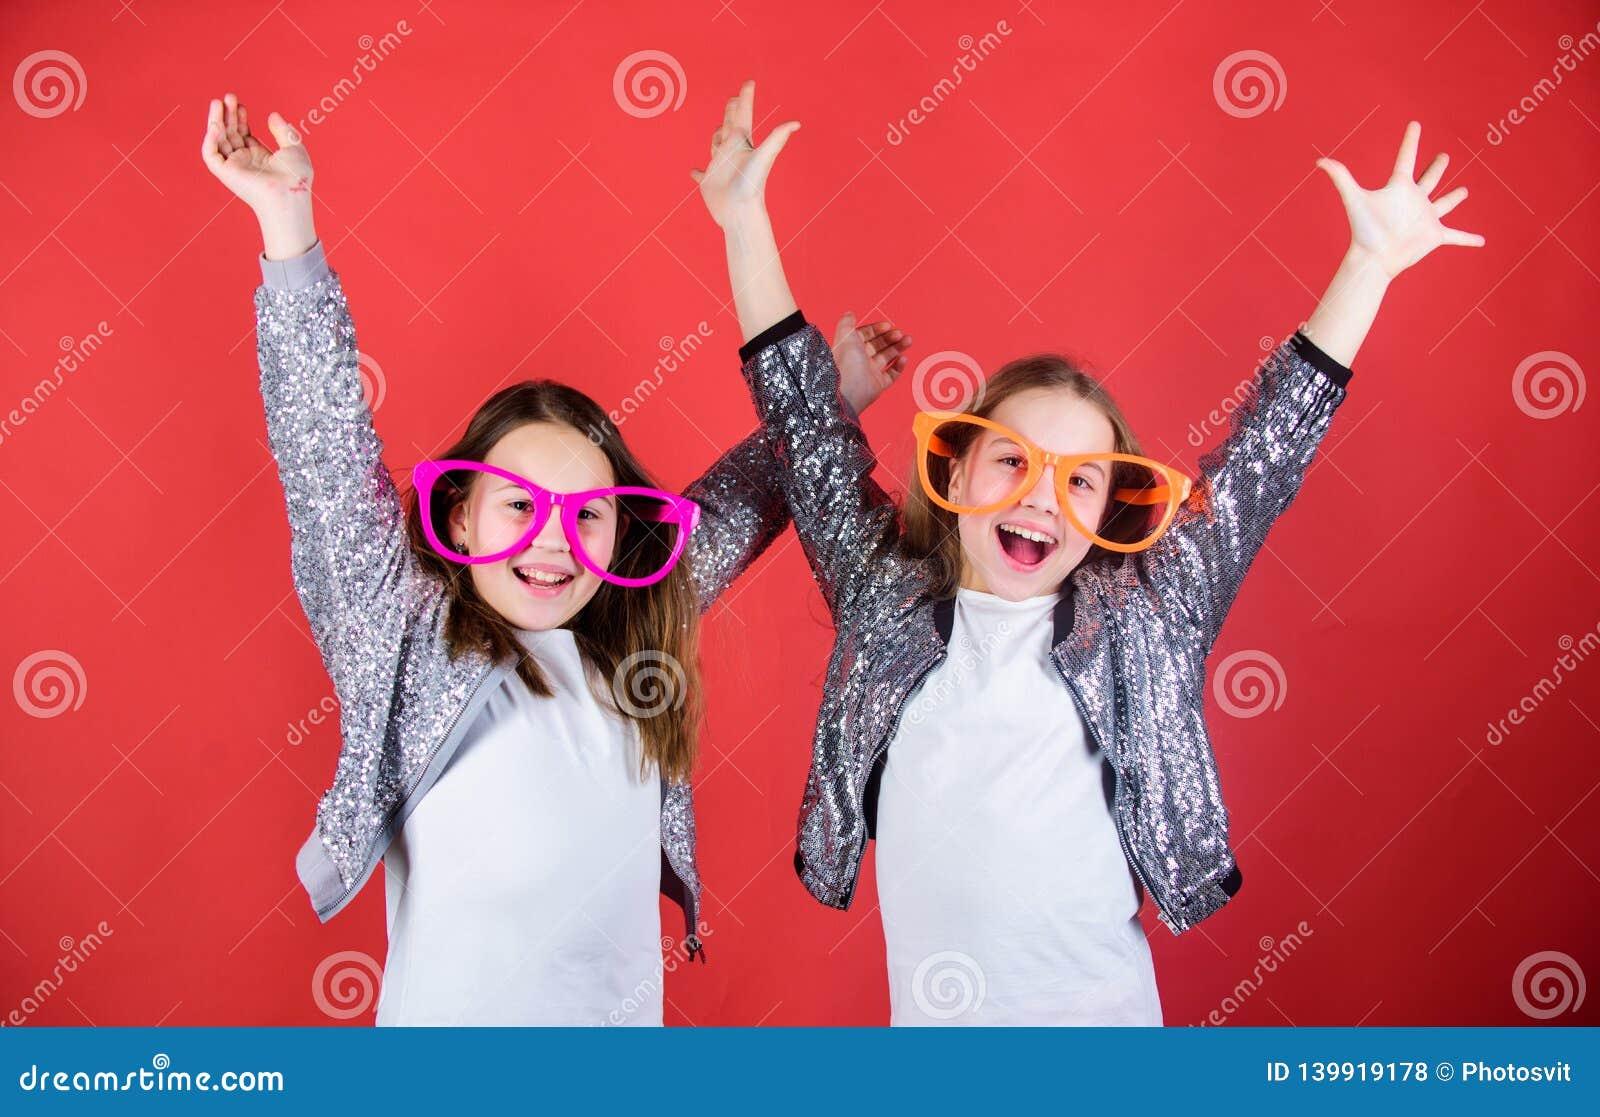 友好的联系兄弟姐妹 恳切的快乐的孩子分享幸福和爱 女孩滑稽的大镜片快乐的微笑